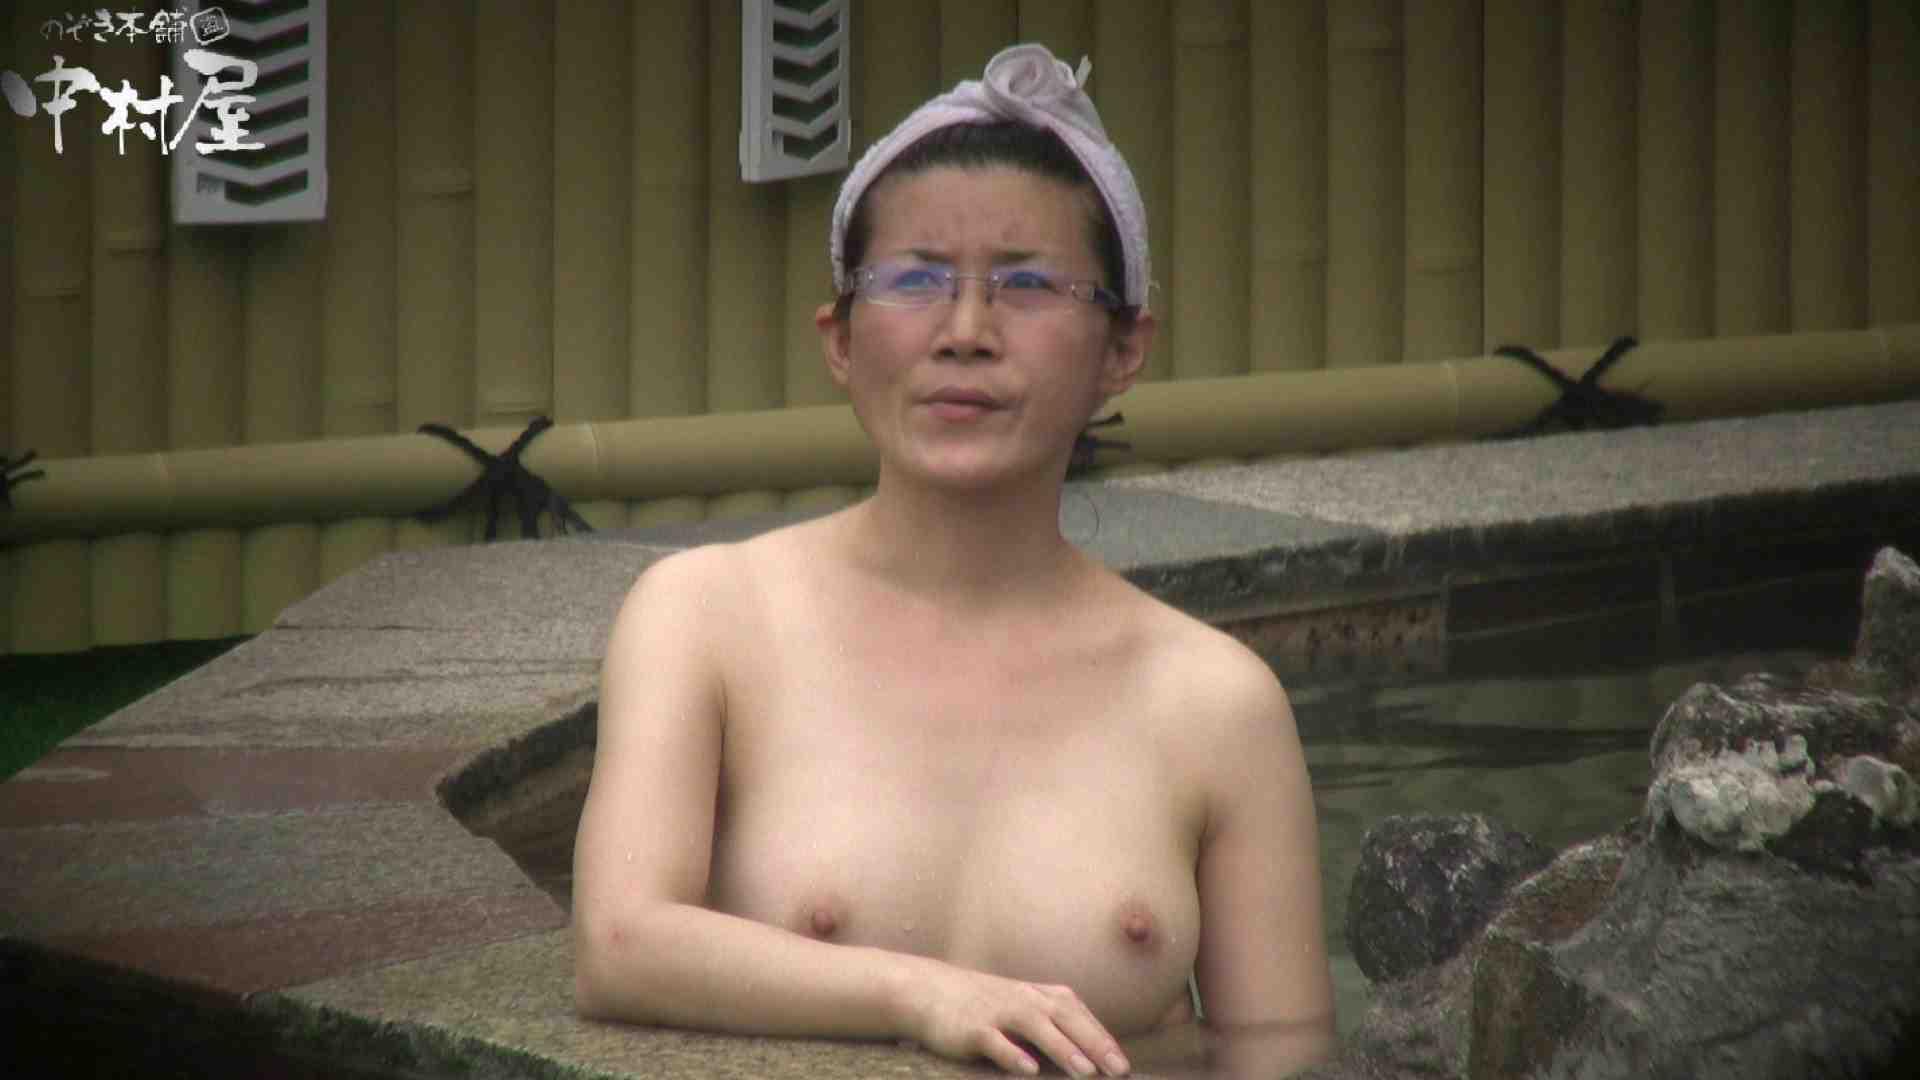 Aquaな露天風呂Vol.905 盗撮  67PICs 66